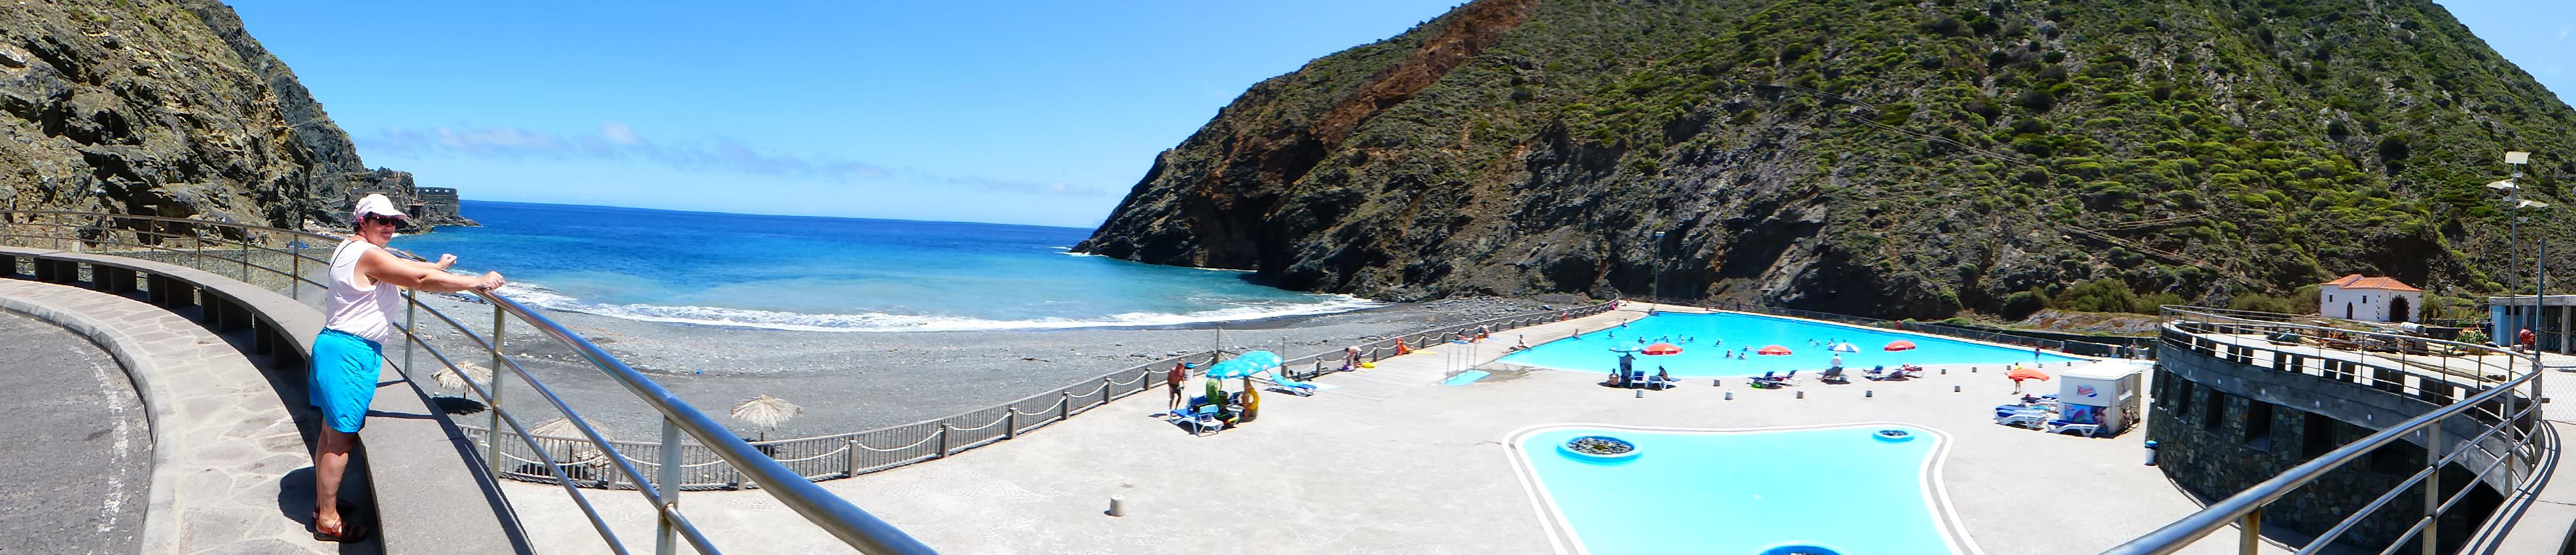 Zeezwembad Vallhermoso